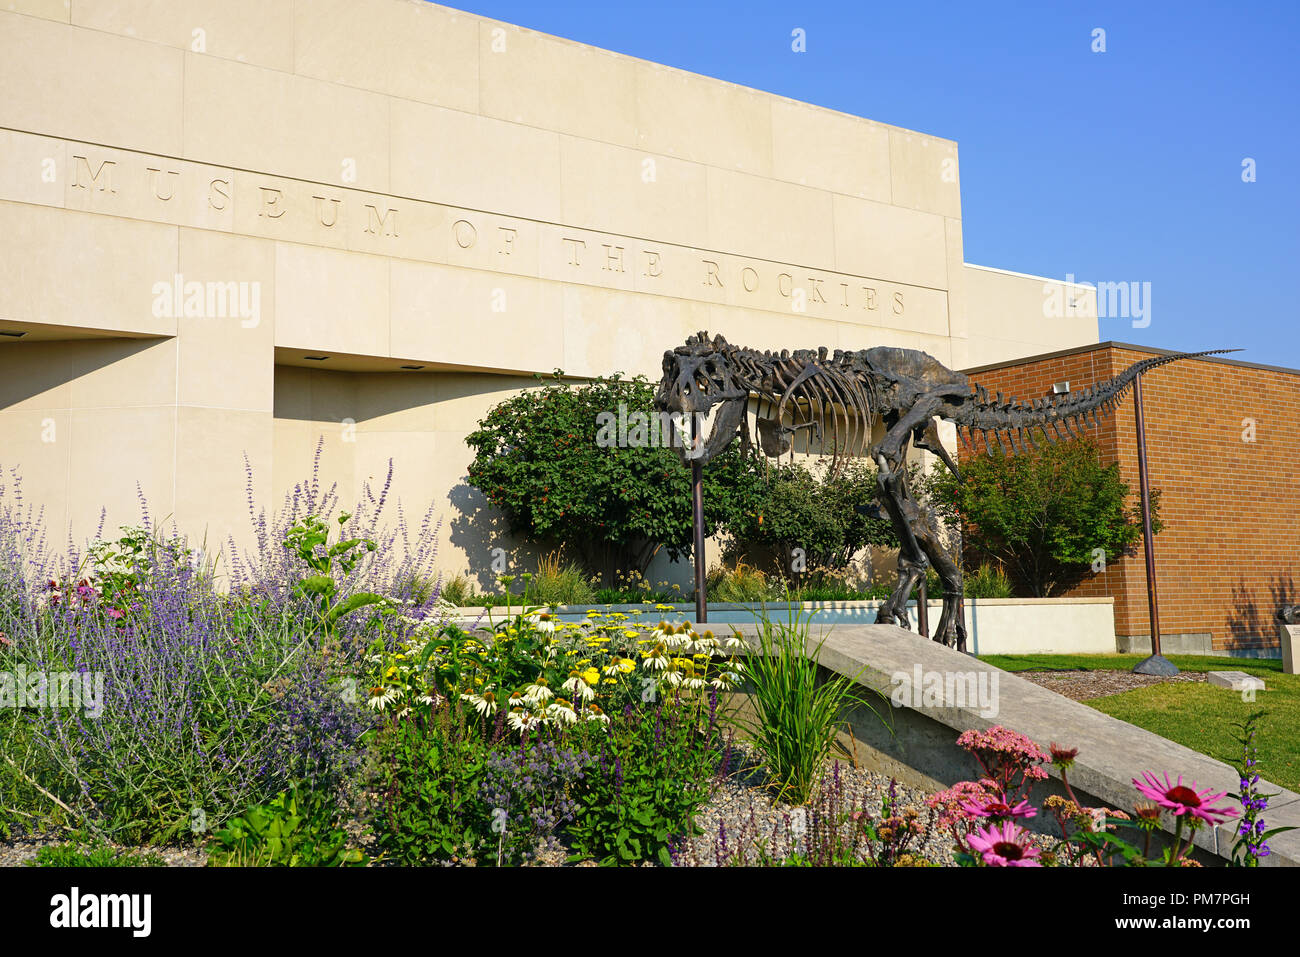 El Museo de las Rocosas, conocido por su colección de dinosaurios paleontológico de dinosaurios, en el campus de la Universidad Estatal de Montana (MSU) en Bozeman, MT Imagen De Stock